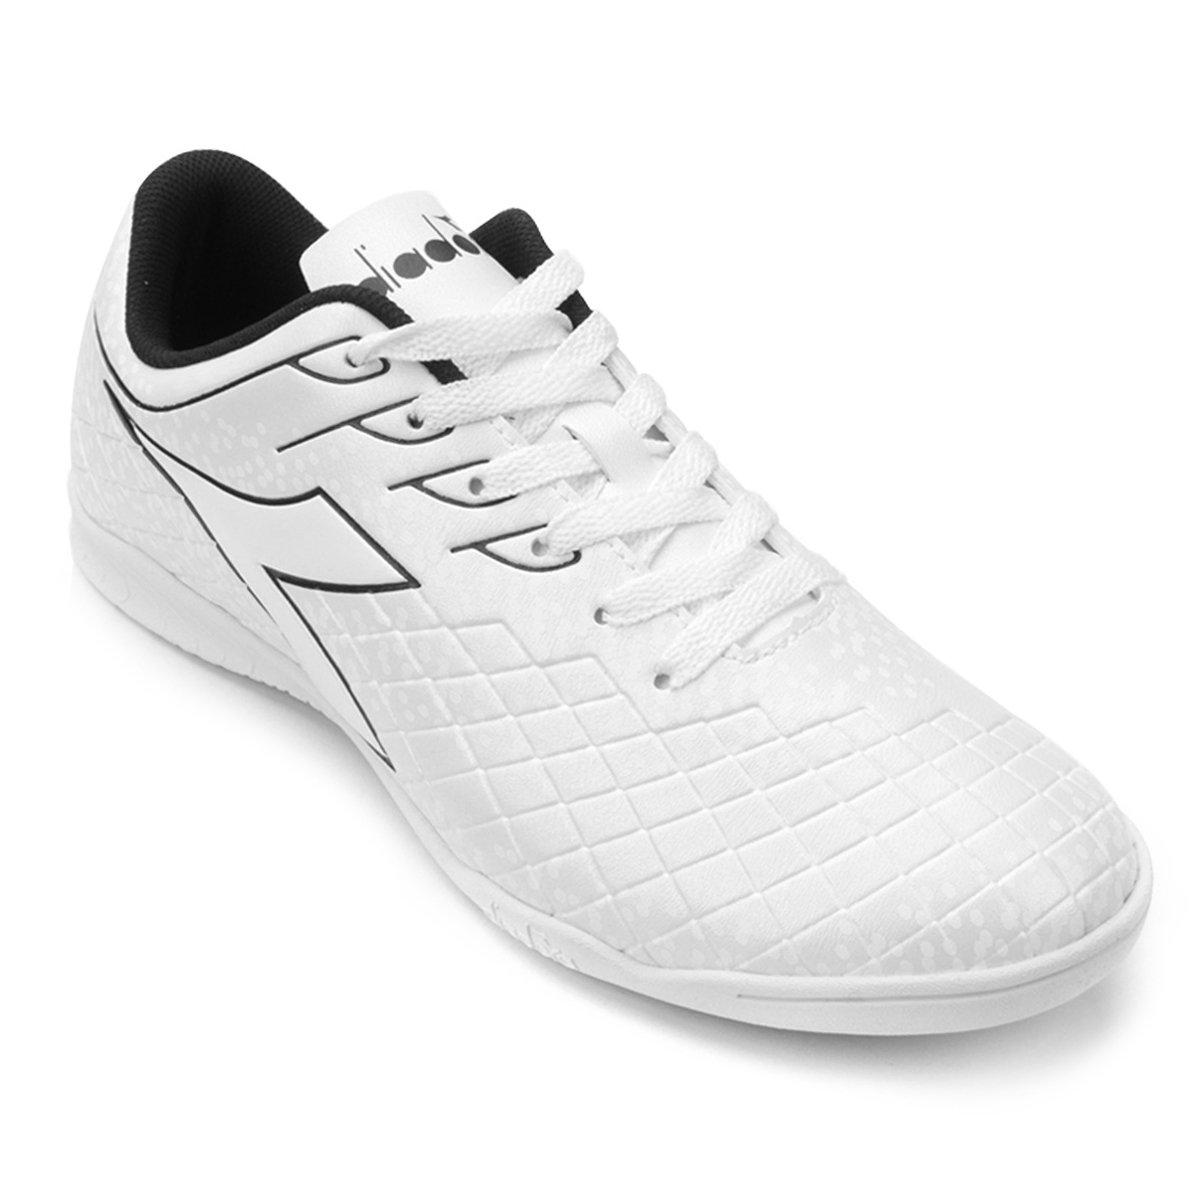 87c4748799b Chuteira Futsal Diadora Cage - Tam  43 - Shopping TudoAzul